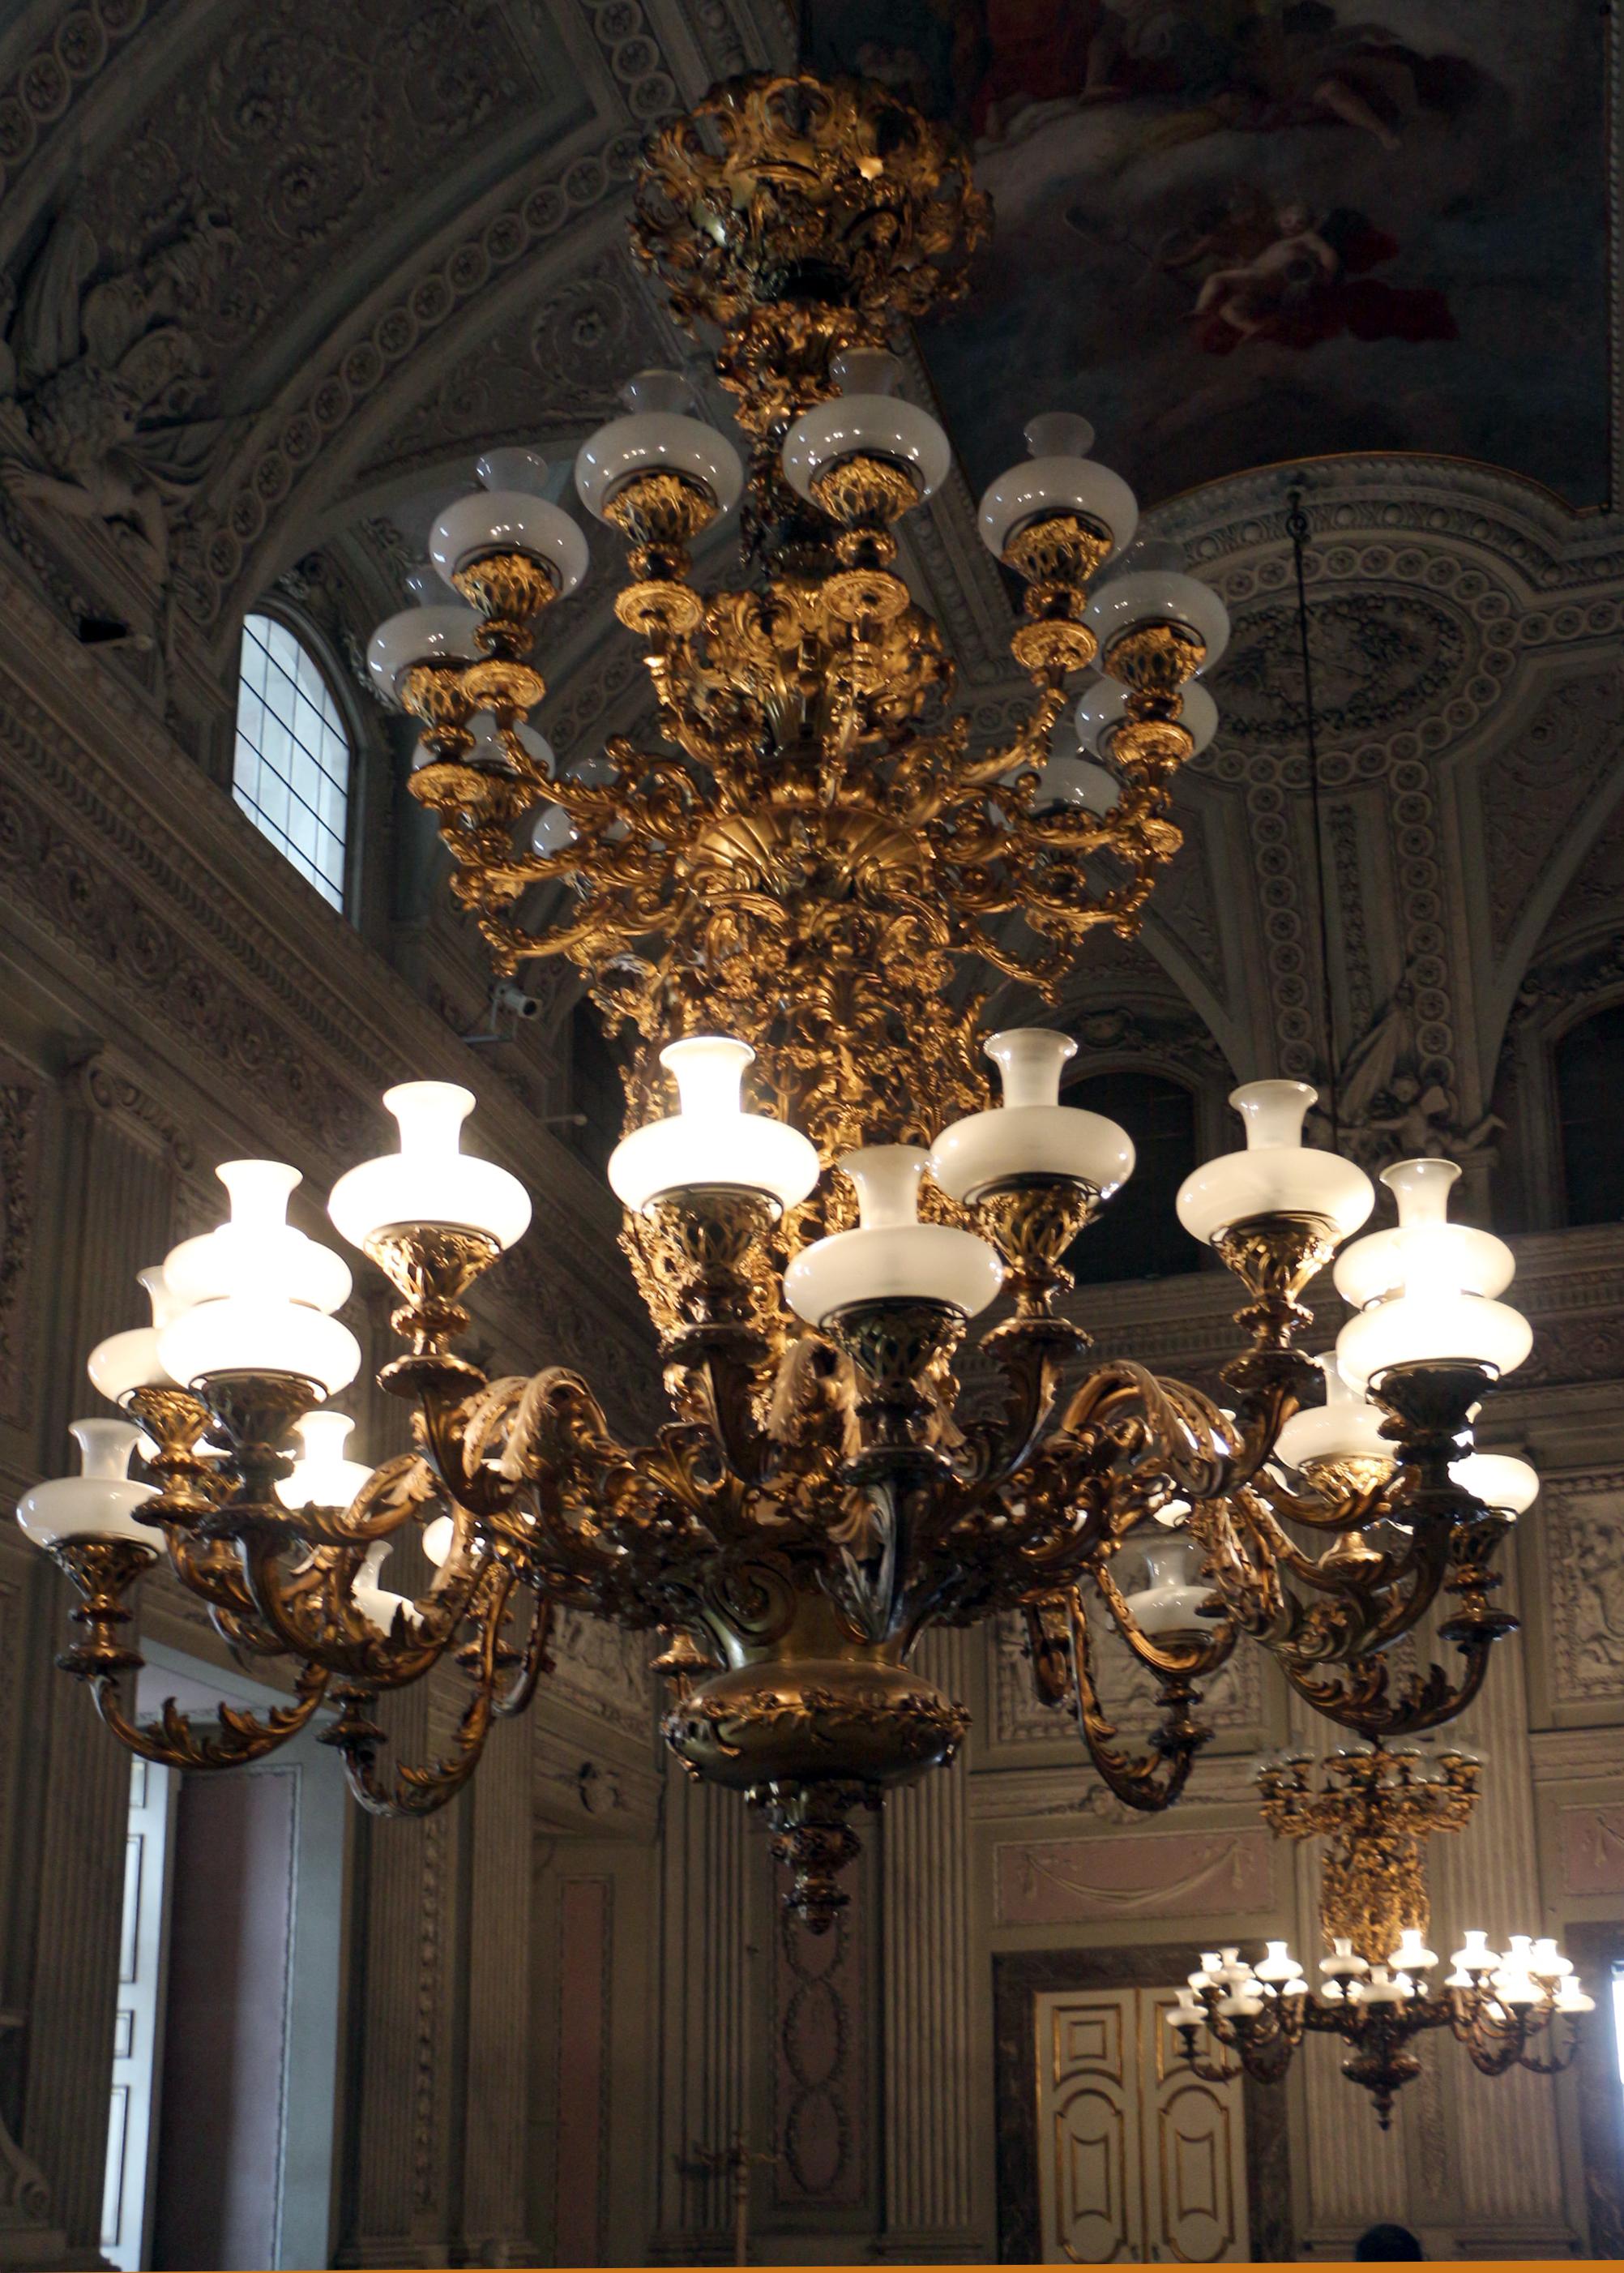 lampadario bronzo : ... corpo, lampadario in bronzo dorato, xix secolo.JPG - Wikimedia Commons